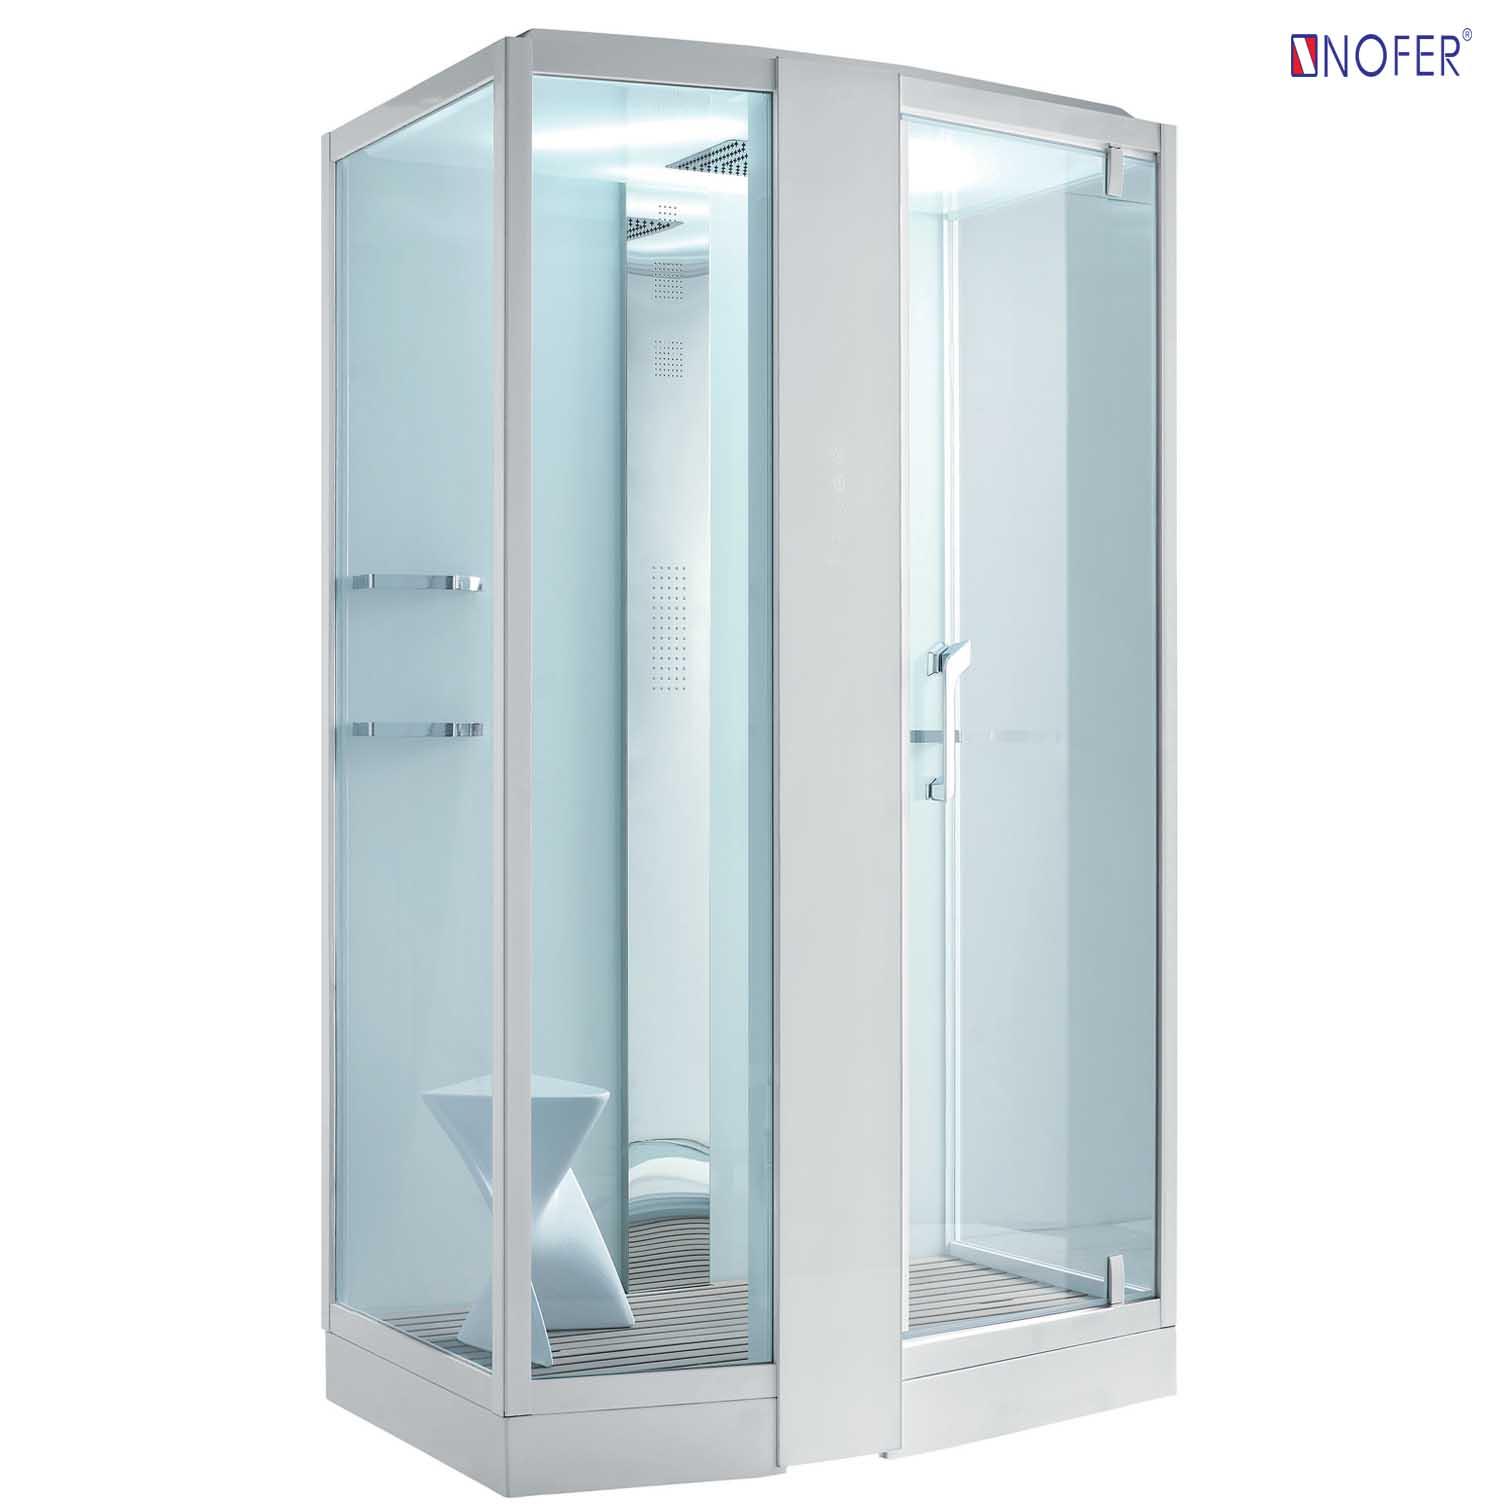 Phòng xông hơi Nofer Việt Nam VS-89102S